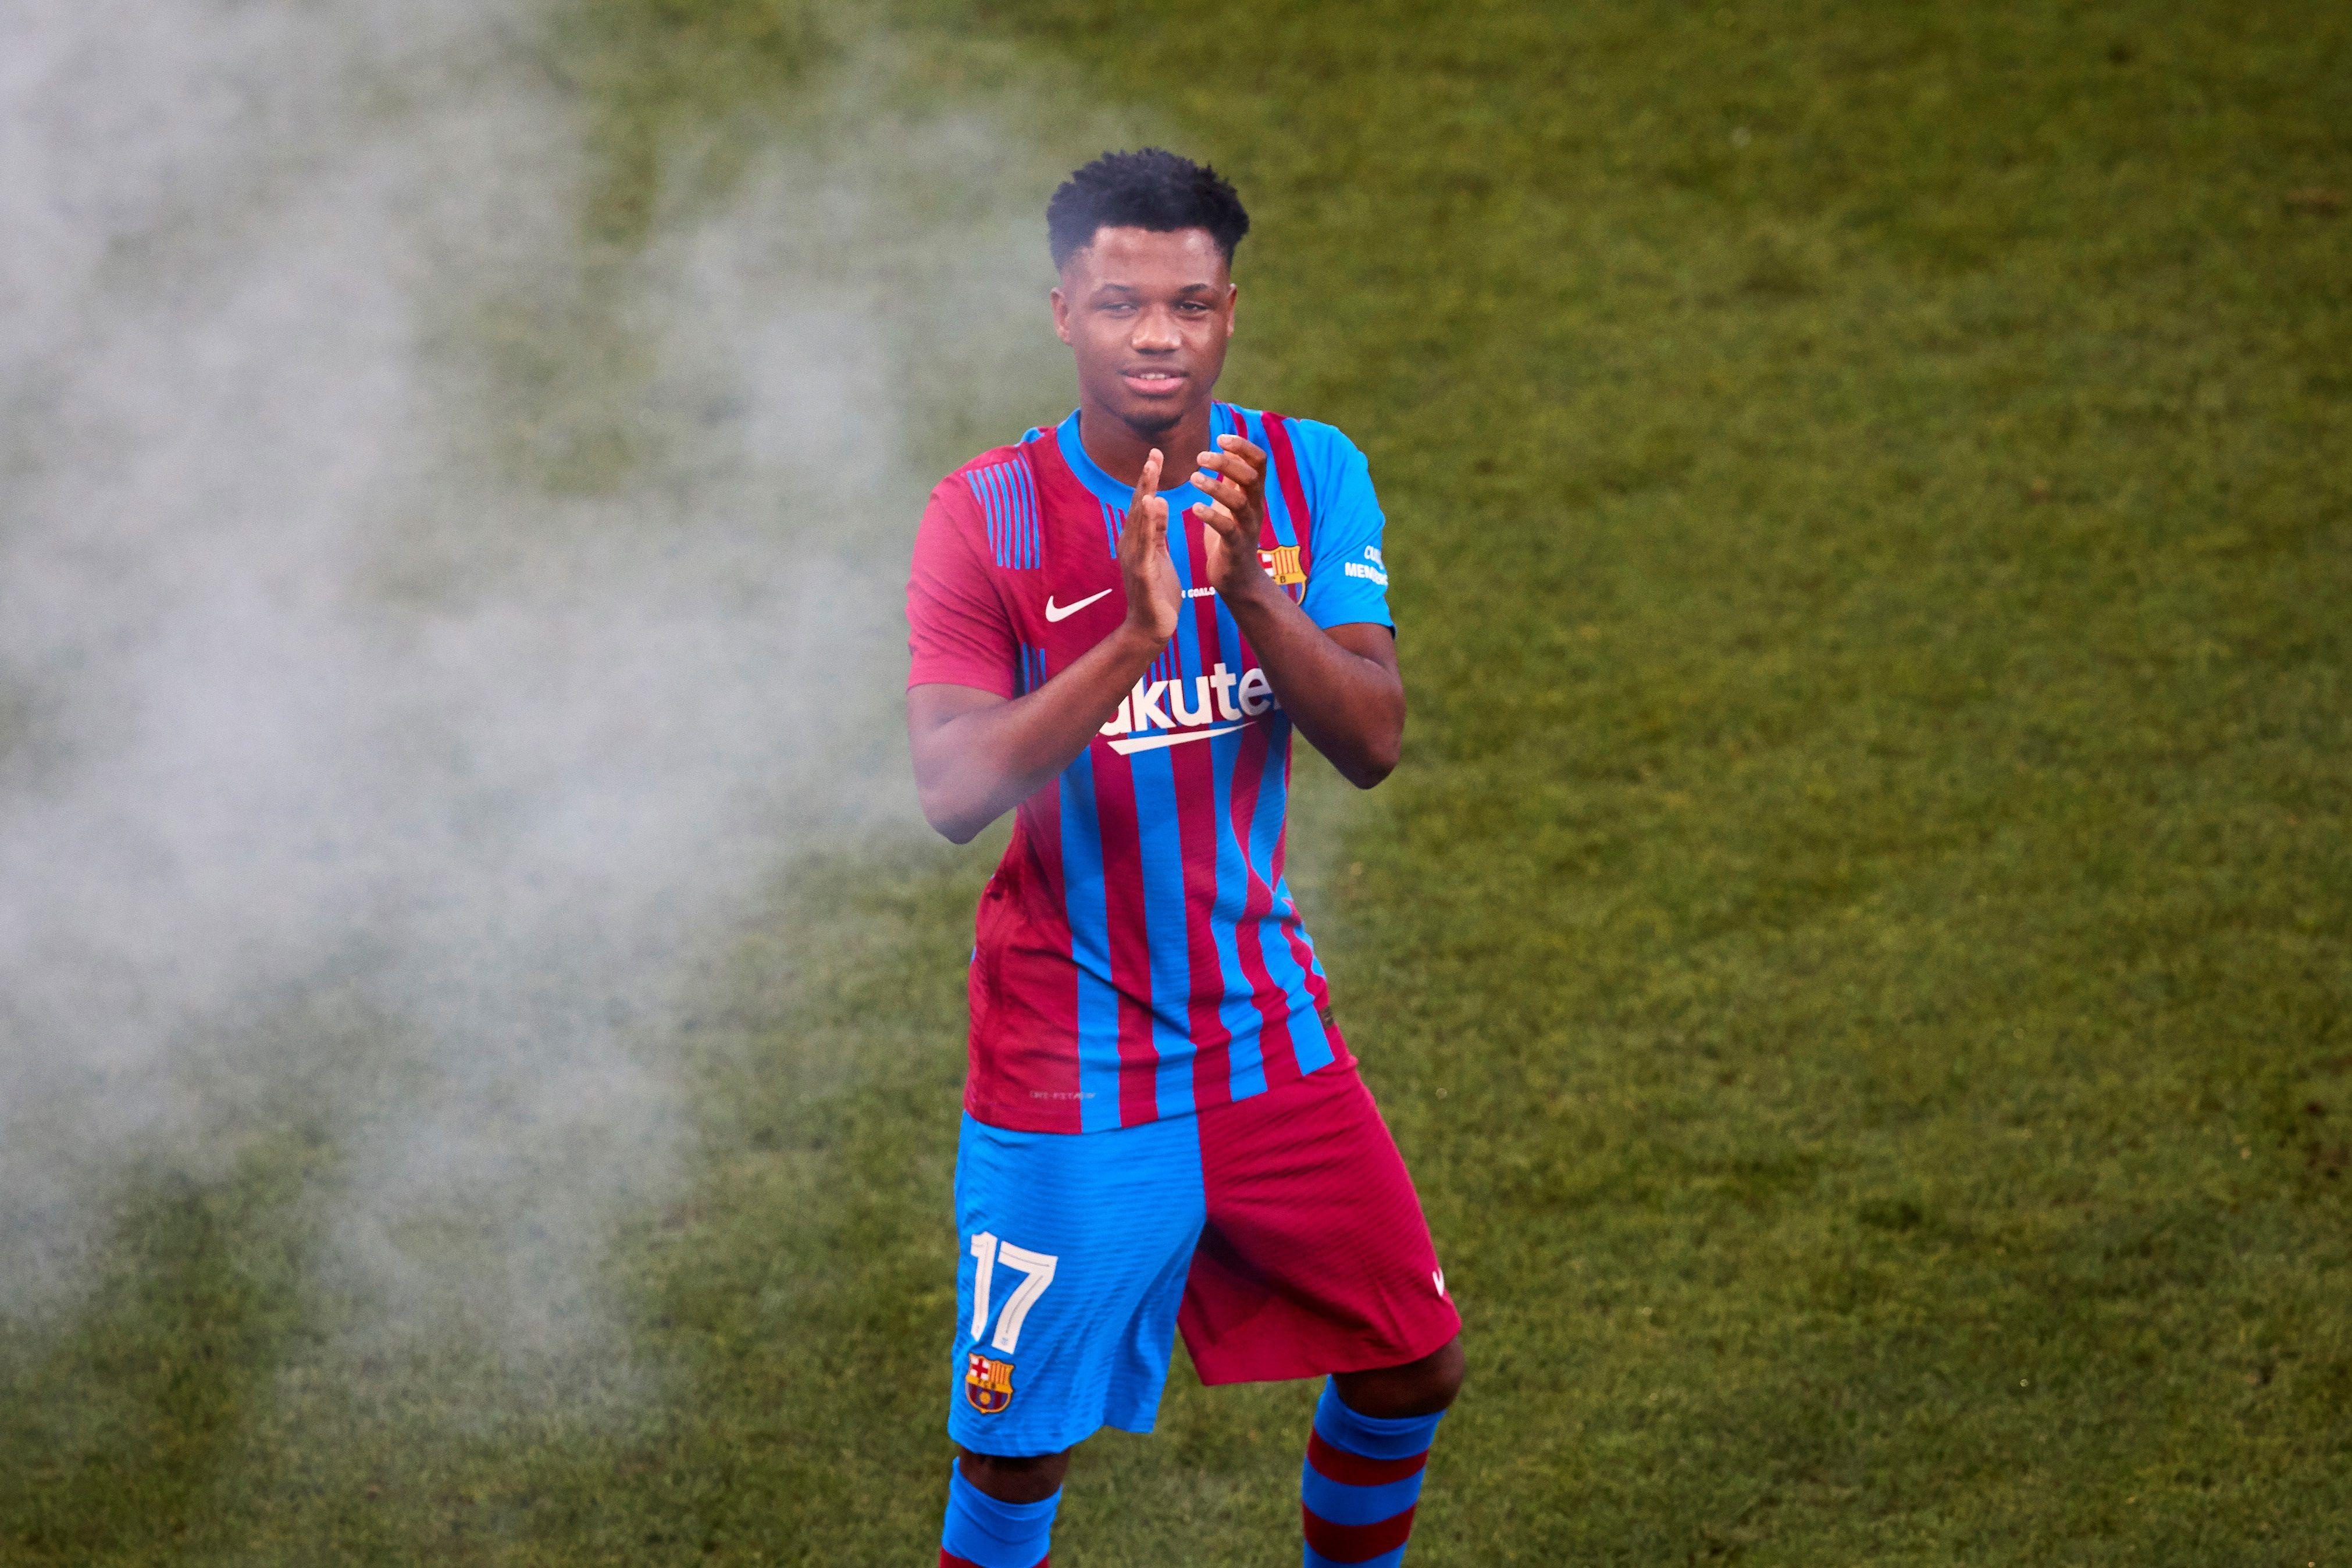 El jugador del FC Barcelona Ansu Fati. EFE/Alejandro García/Archivo